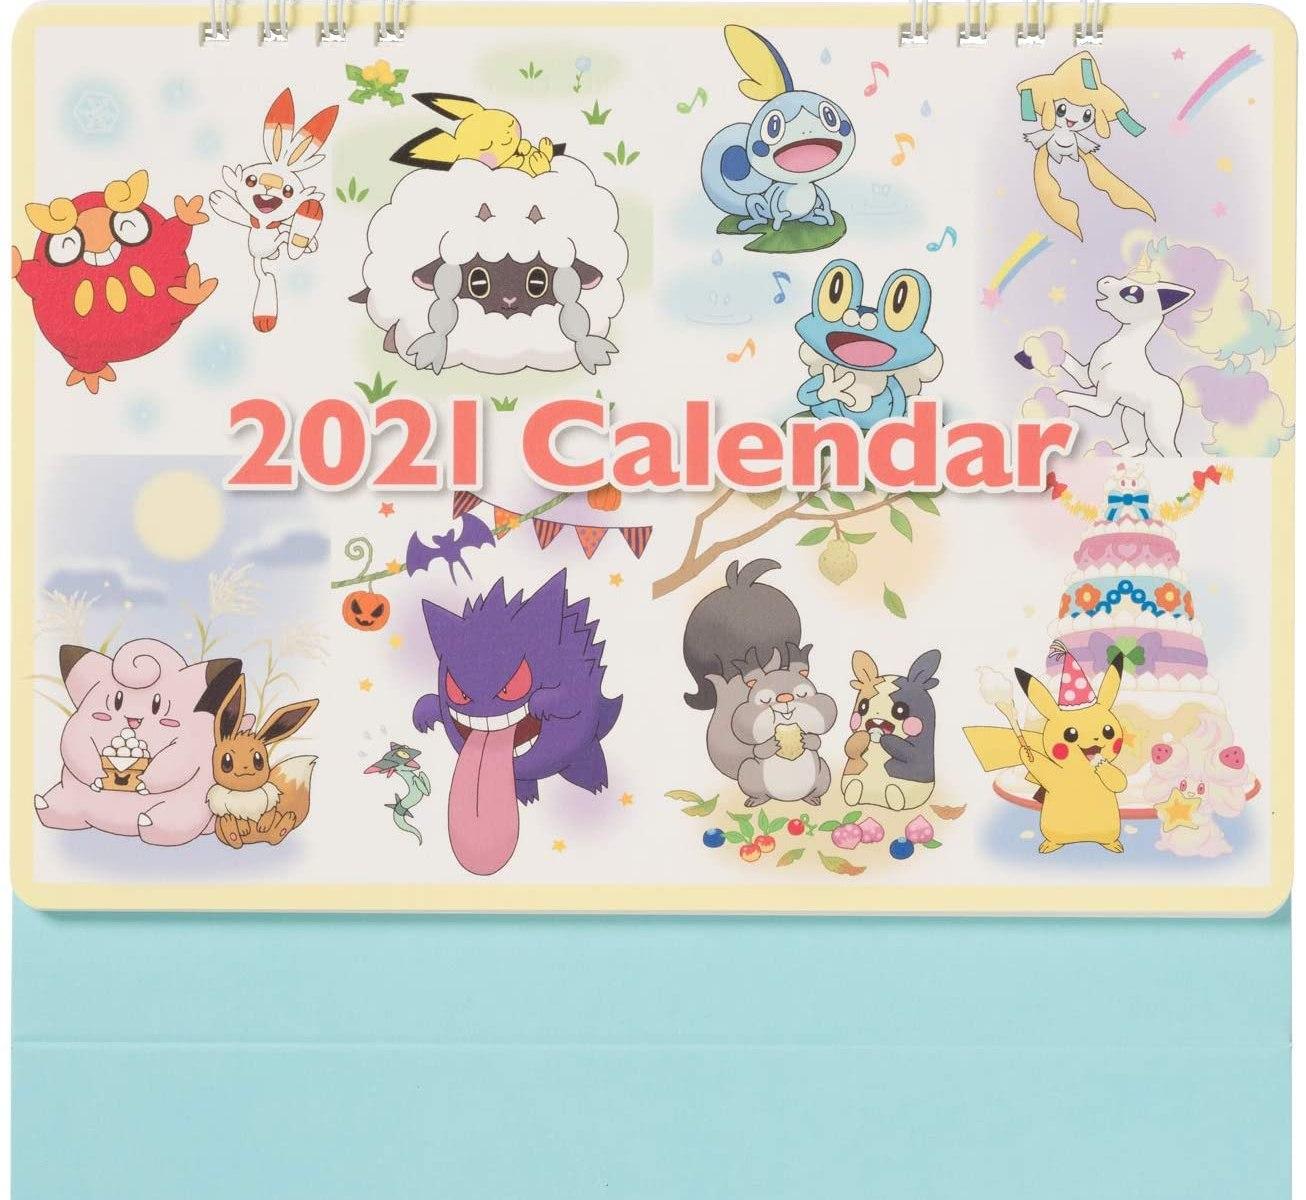 ポケモンセンターオリジナル ポケモンセンターオリジナル卓上カレンダー2021